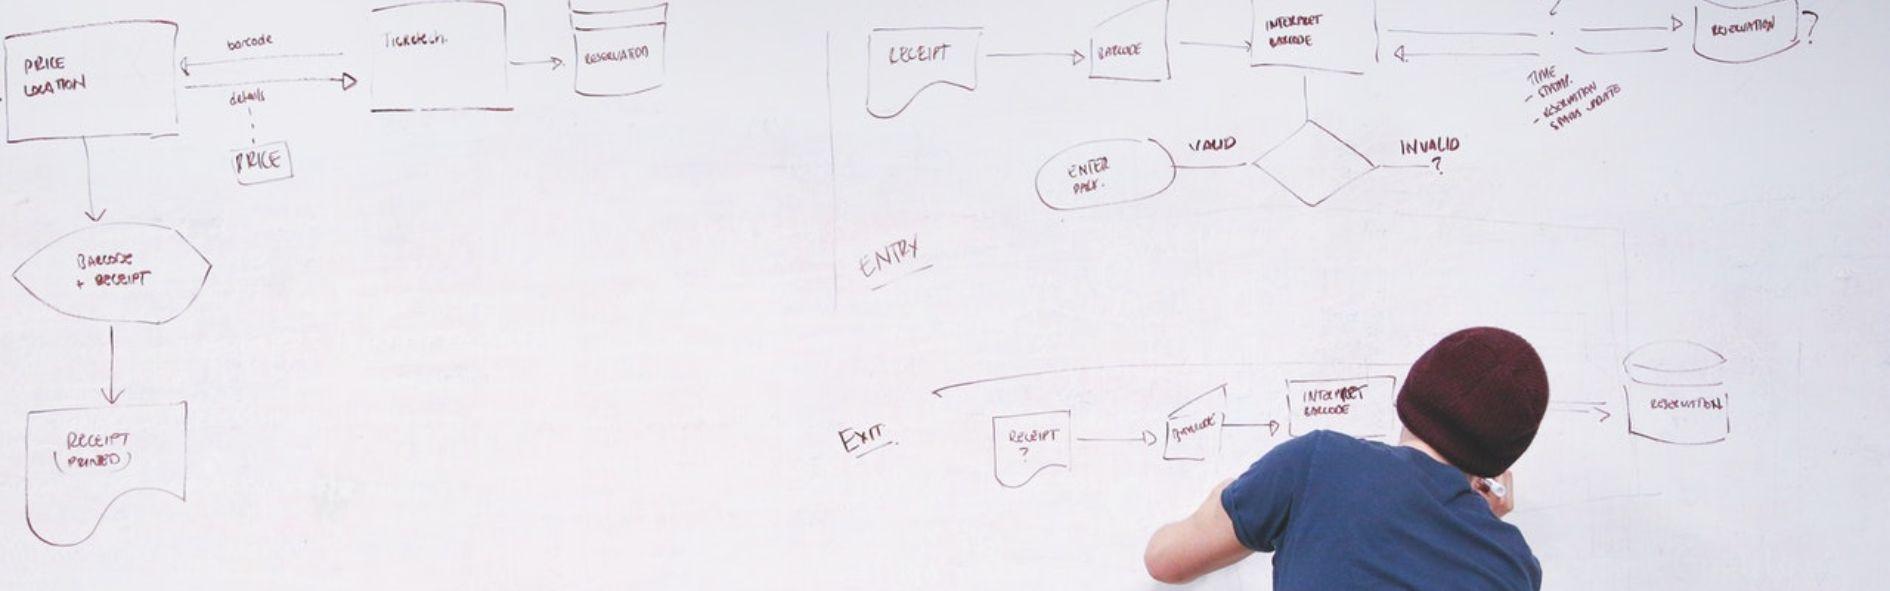 Descubre el diagrama de PERT y su importancia en la ejecución de proyectos